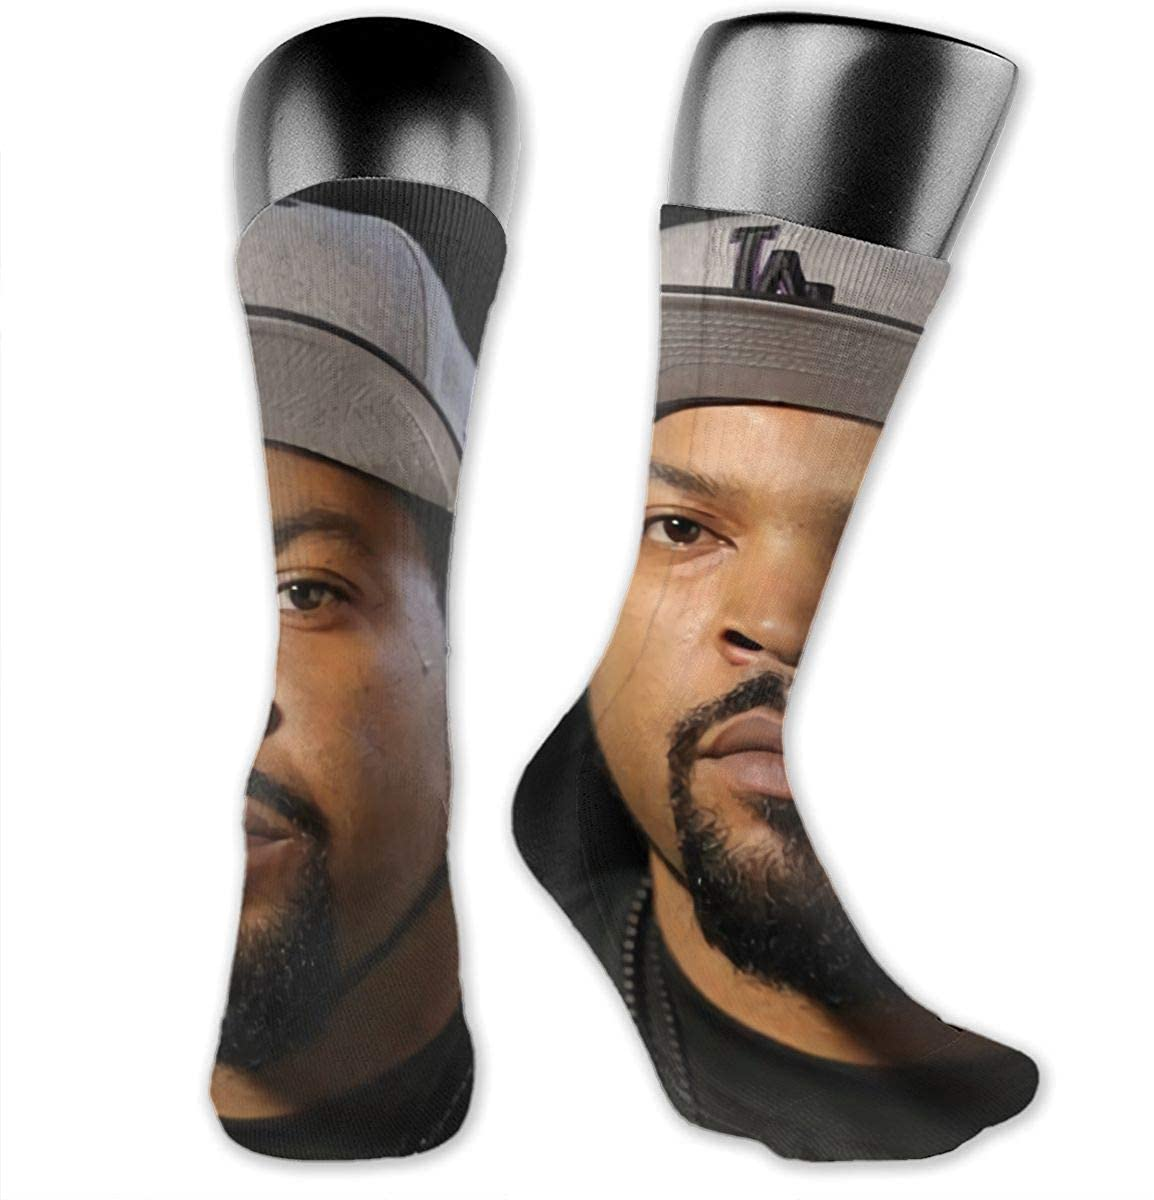 Ice Cube Medium Long Socks Dress Hose Soccer Short Anklet For Workout